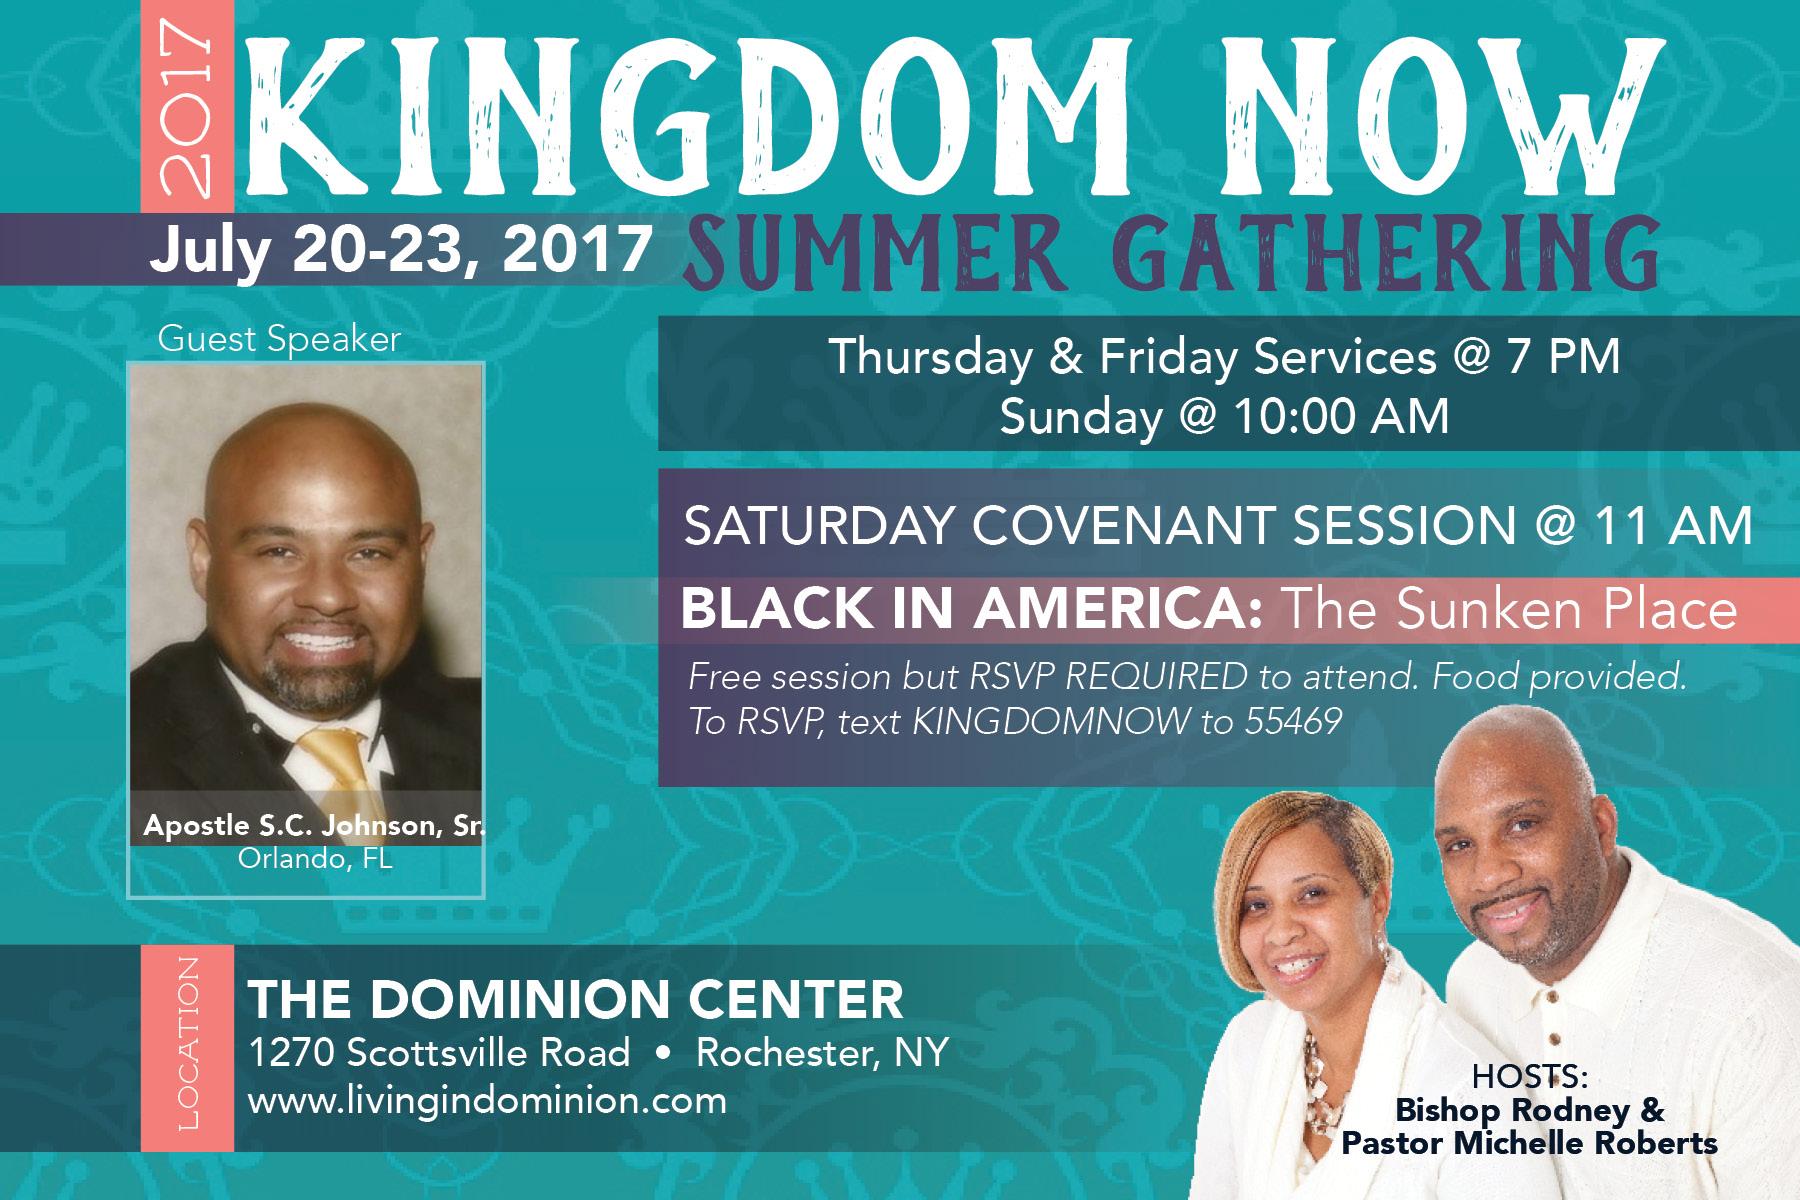 Kingdom Now Gathering 2017